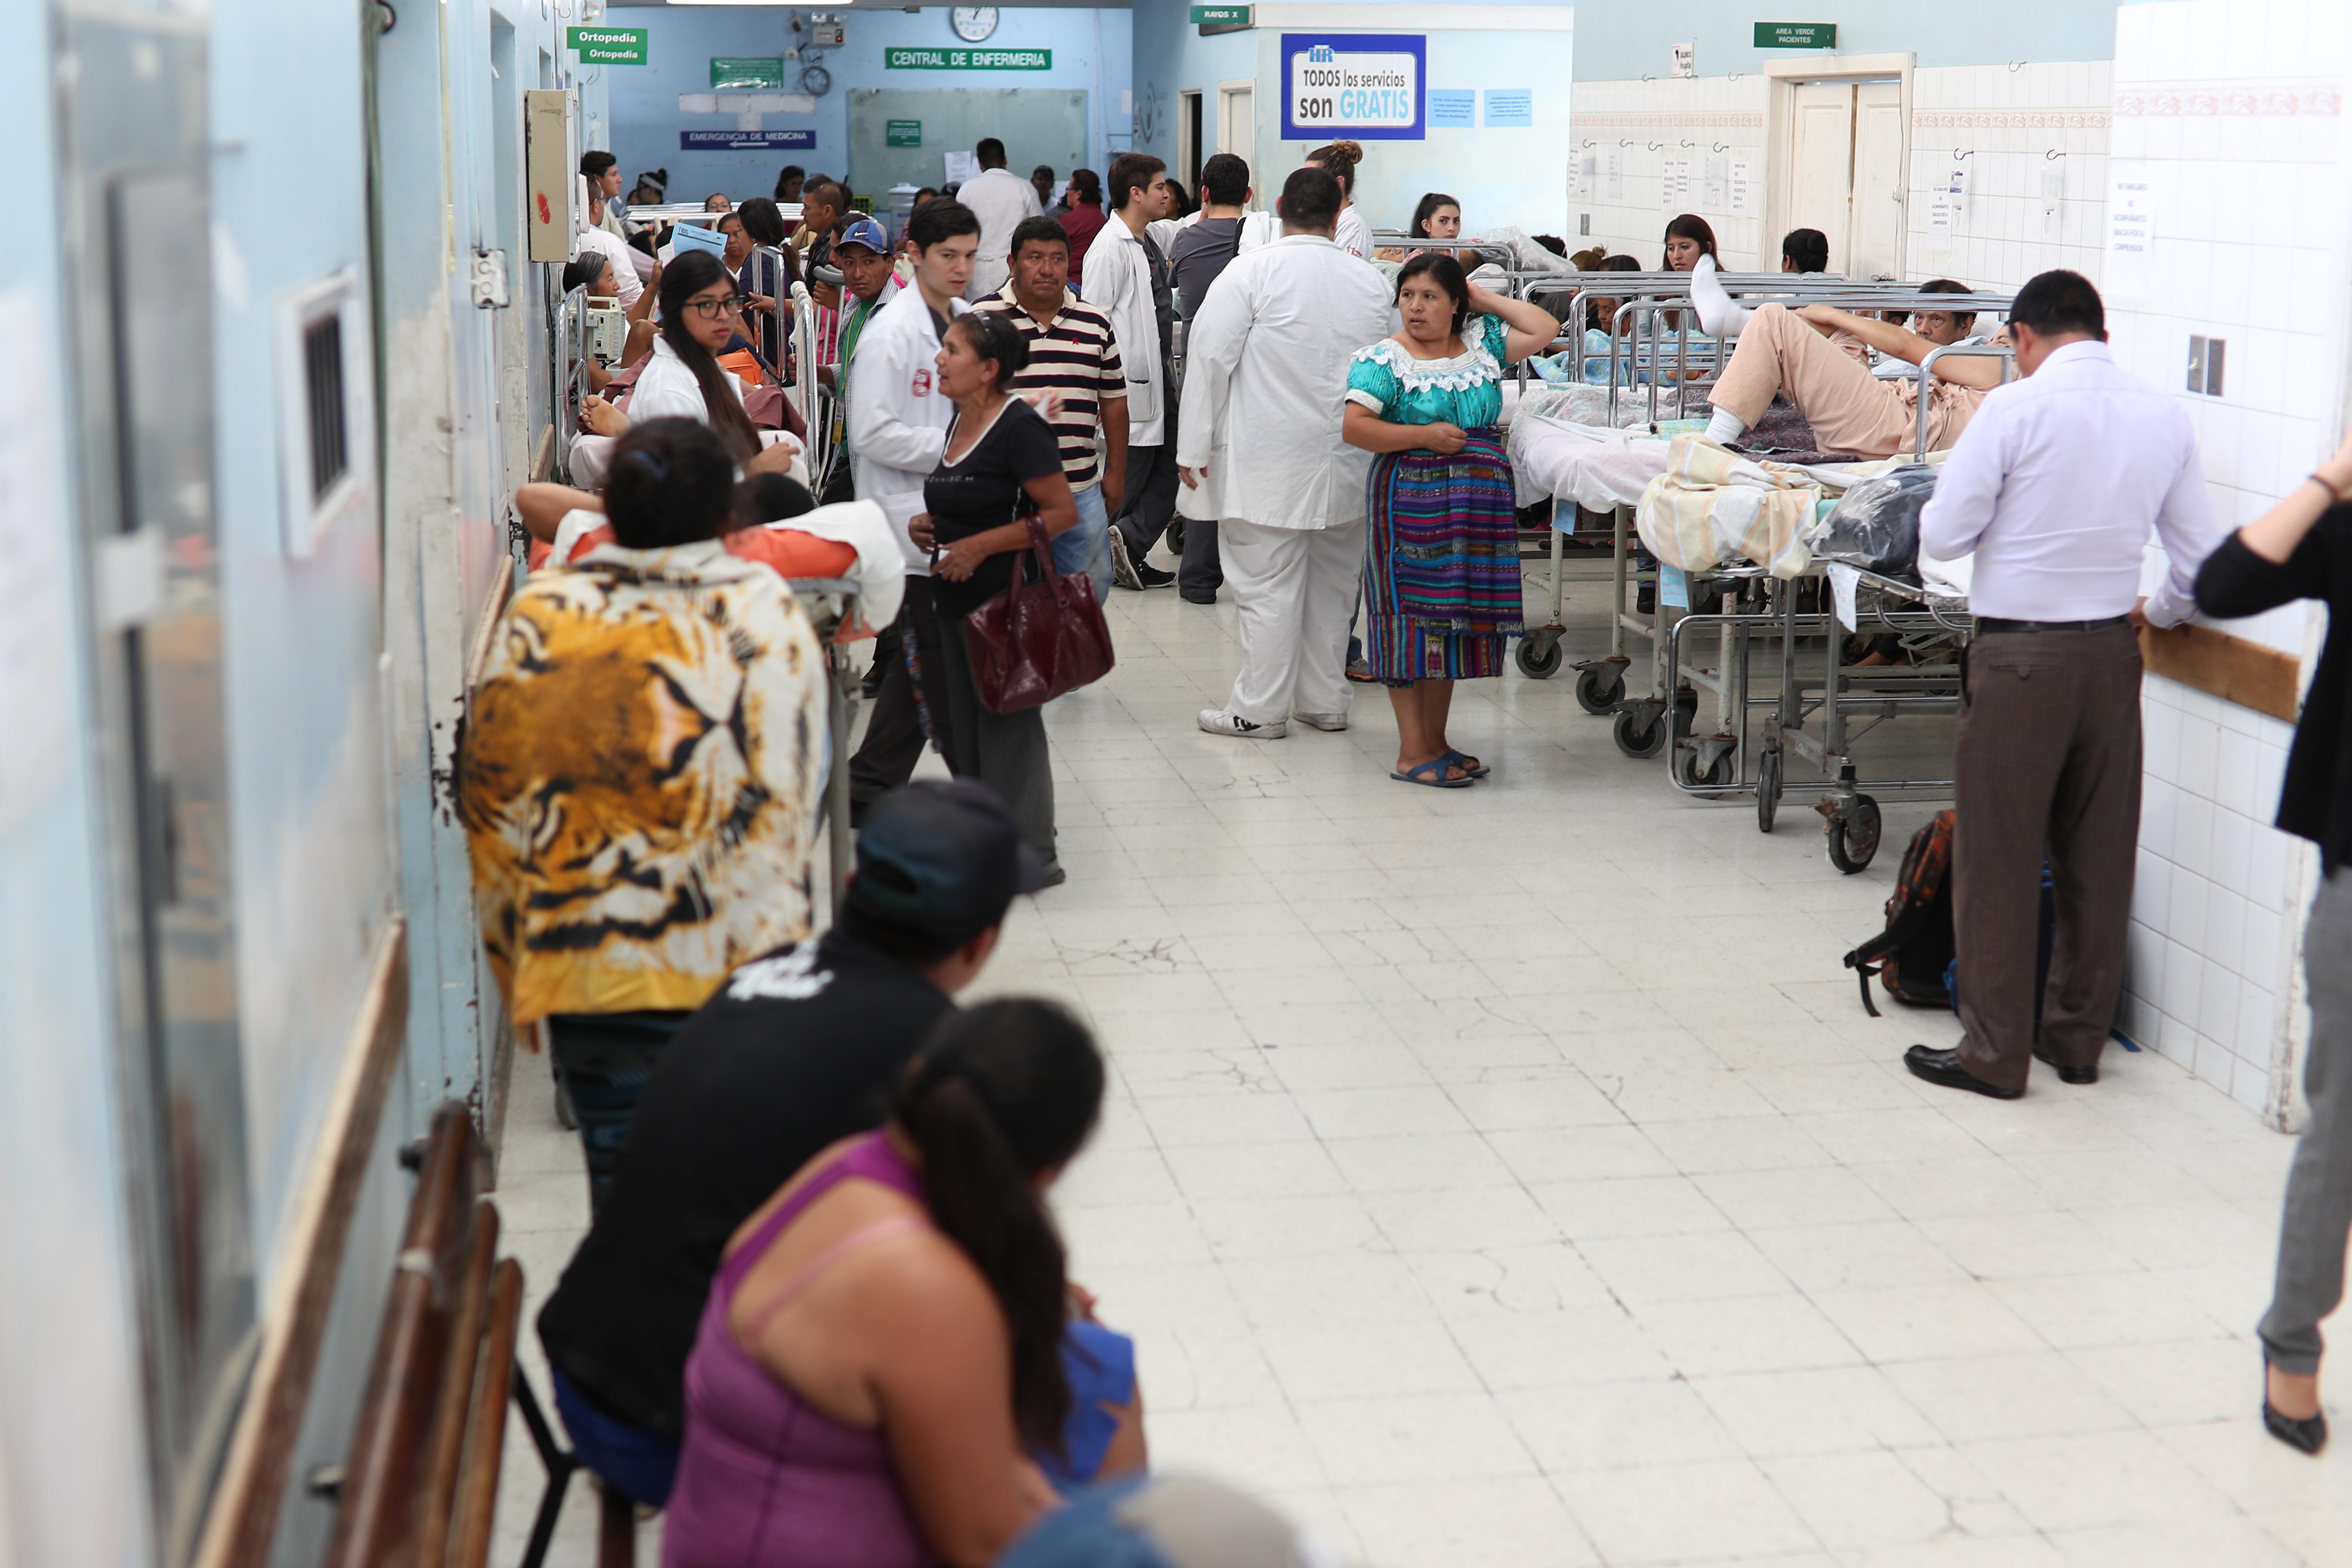 Los niveles de atención en los hospitales y centros del salud del país no logran cubrir la demanda de los guatemaltecos en el tema de salud. (Foto Prensa Libre: Hemeroteca PL)